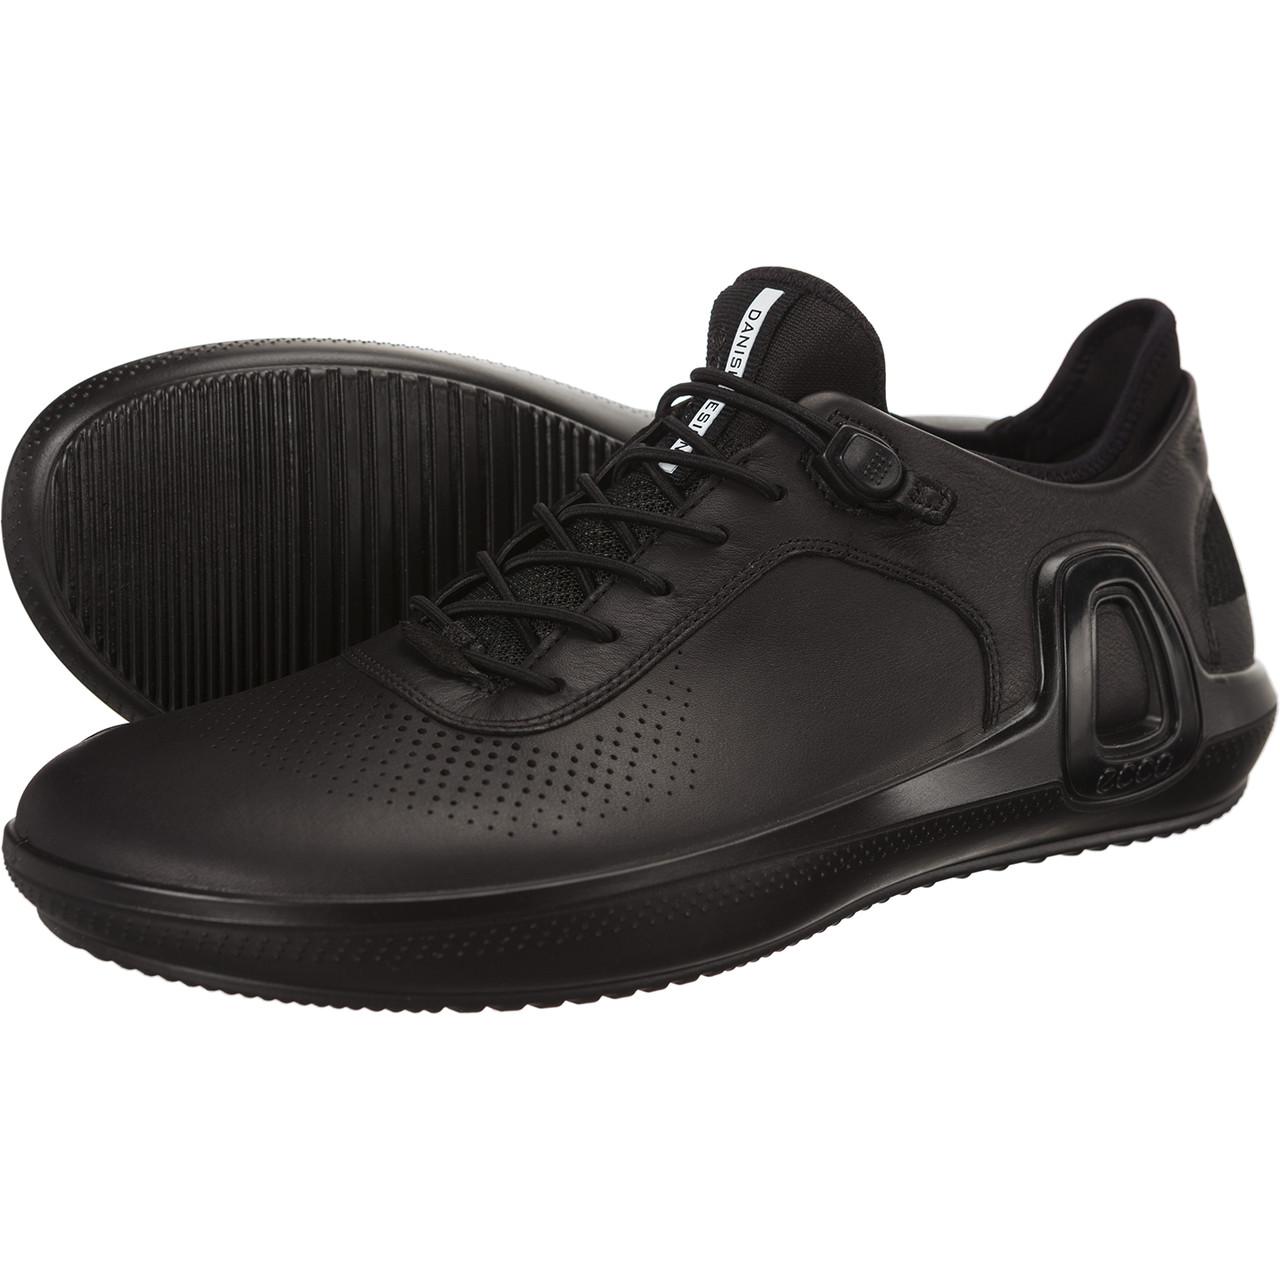 ecco promocje buty